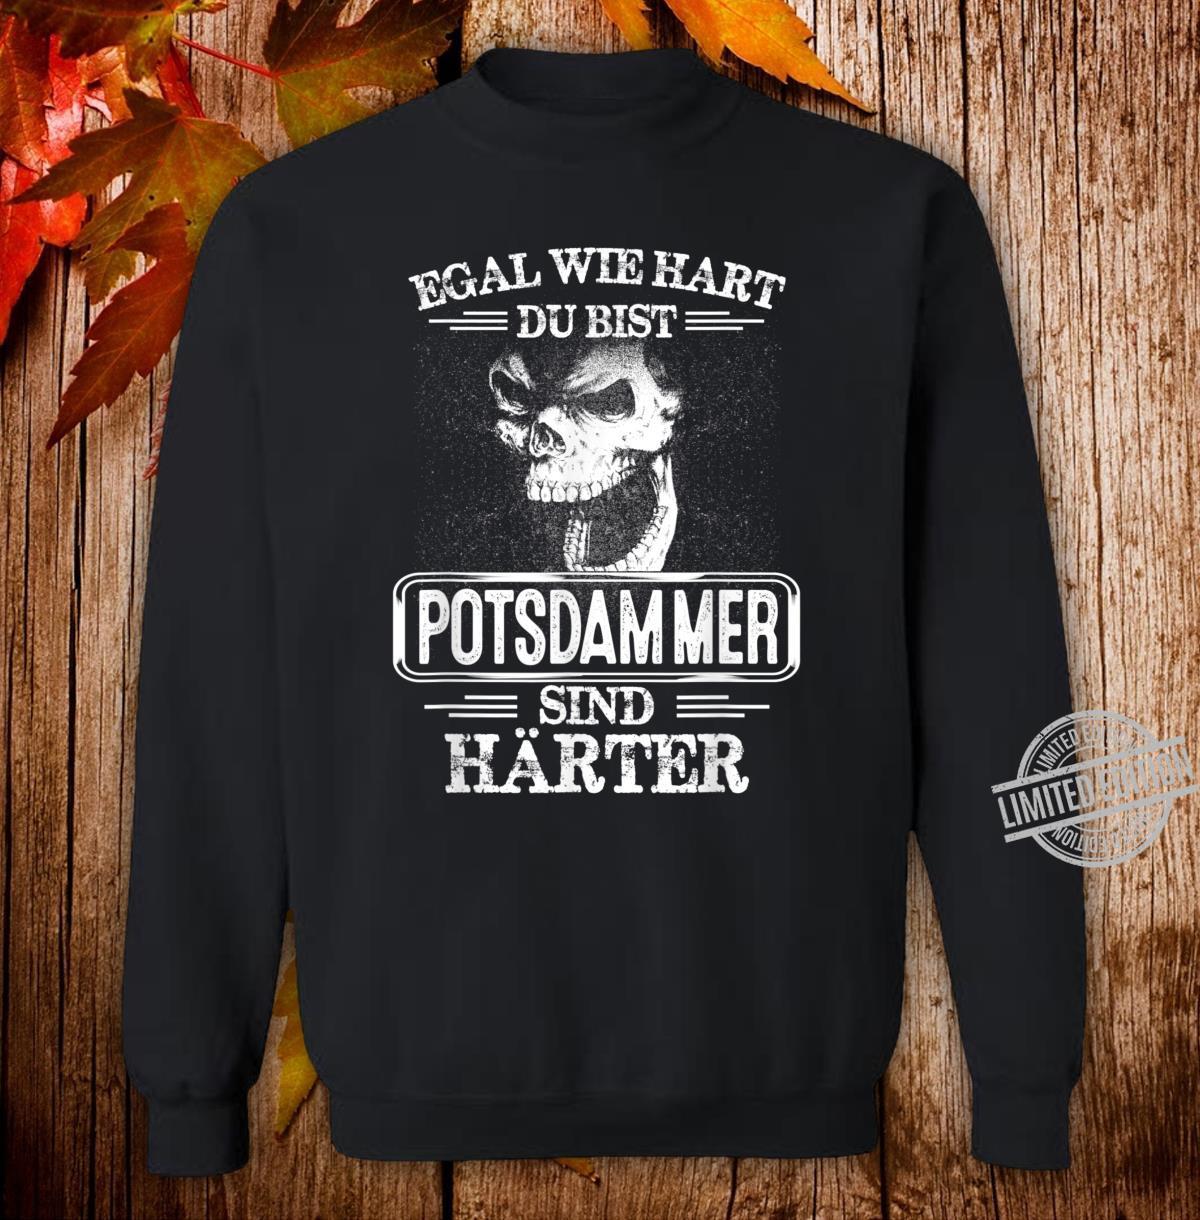 Potsdammer sind härter Städte Kleidung Stadt Potsdamm Shirt sweater